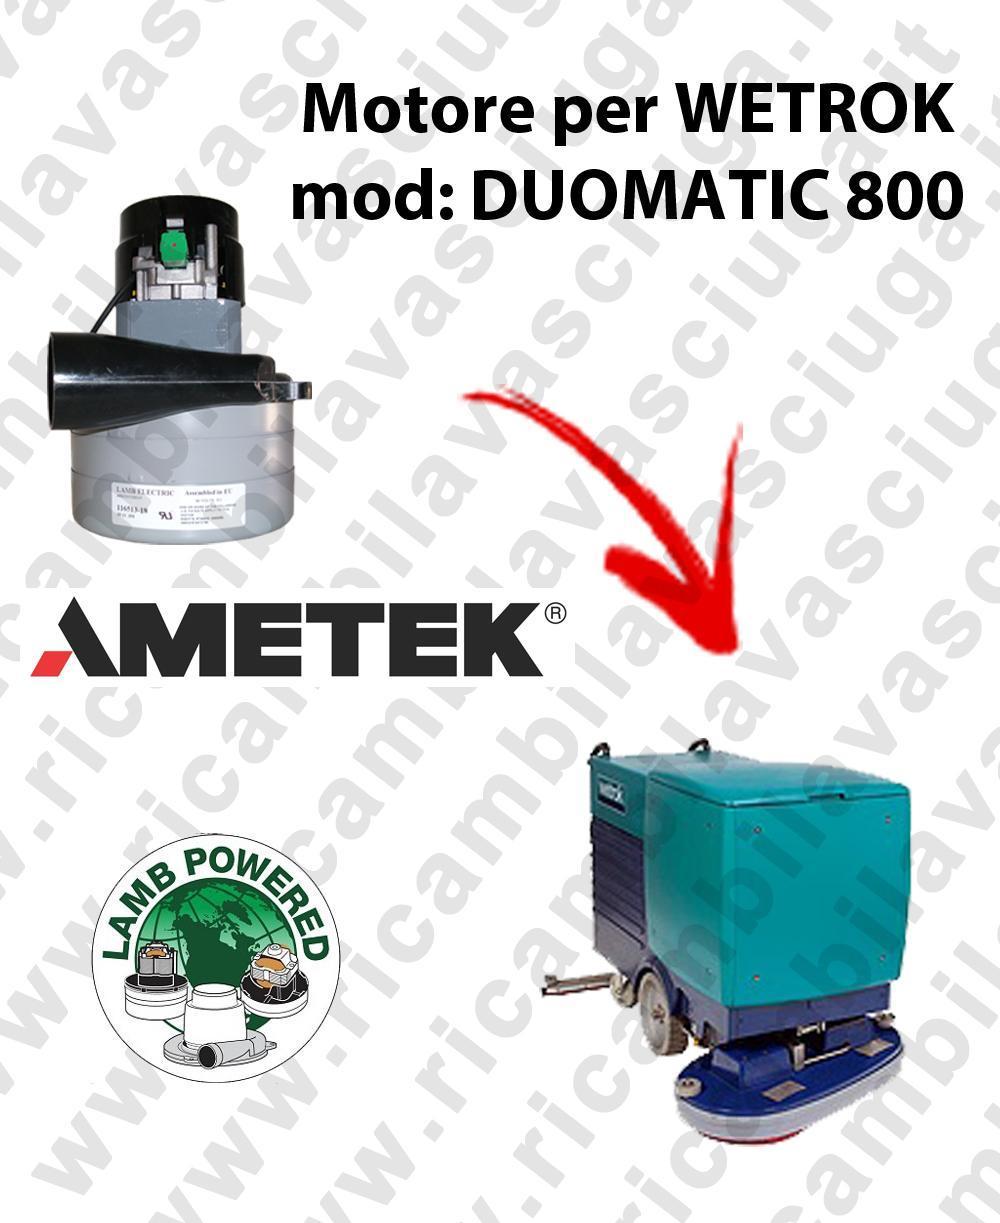 DUOMATIC 800 Saugmotor LAMB AMETEK für scheuersaugmaschinen WETROK